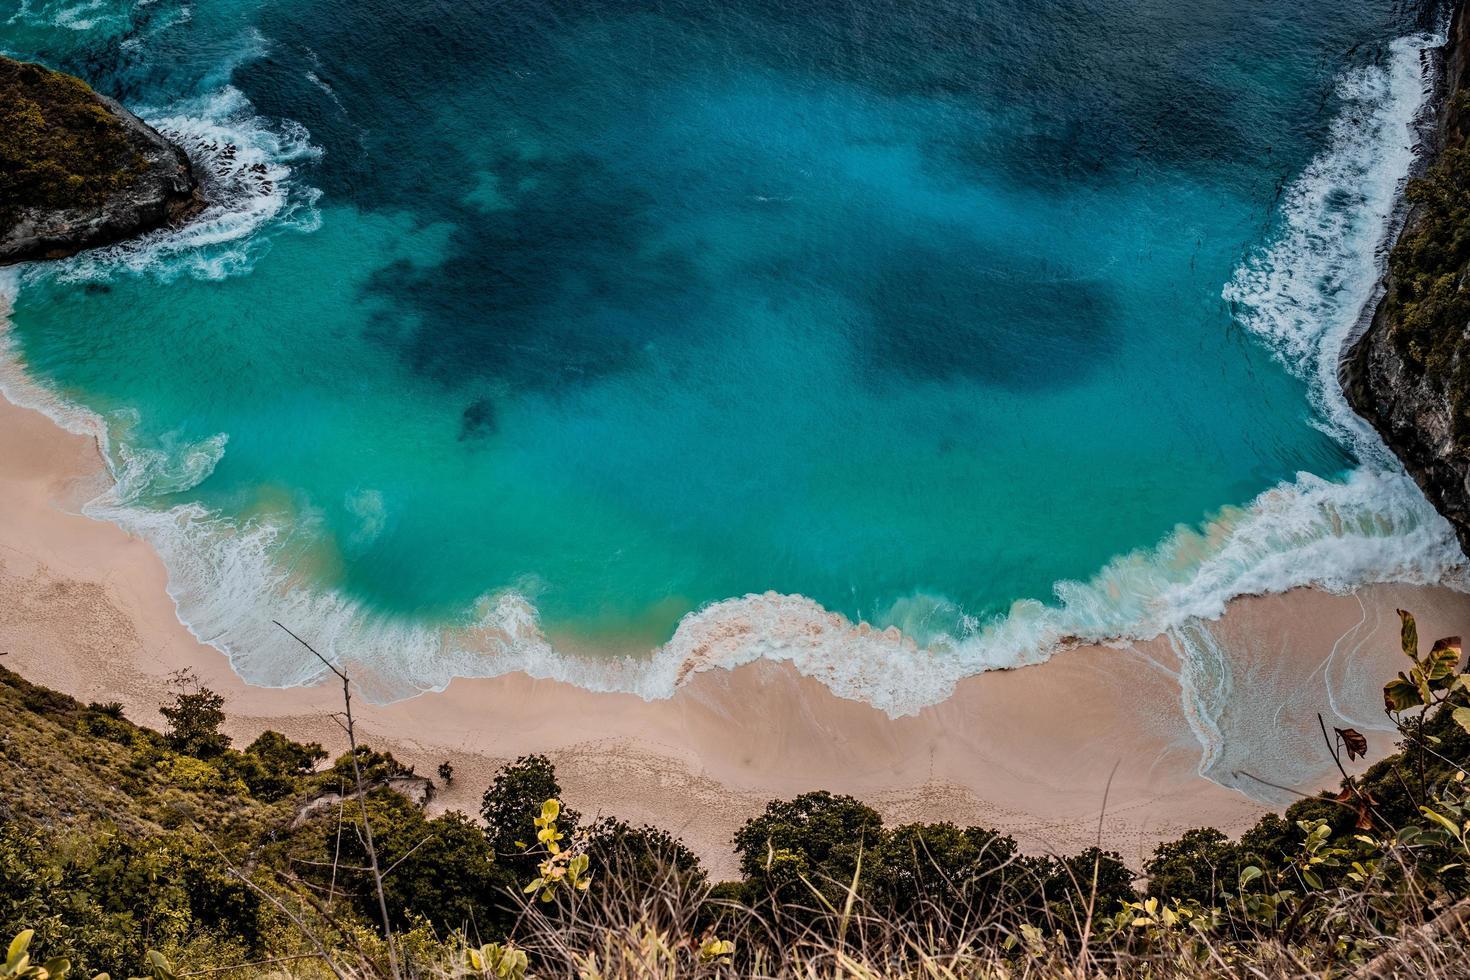 mit Blick auf einen tropischen Strand mit türkisfarbenem Wasser foto